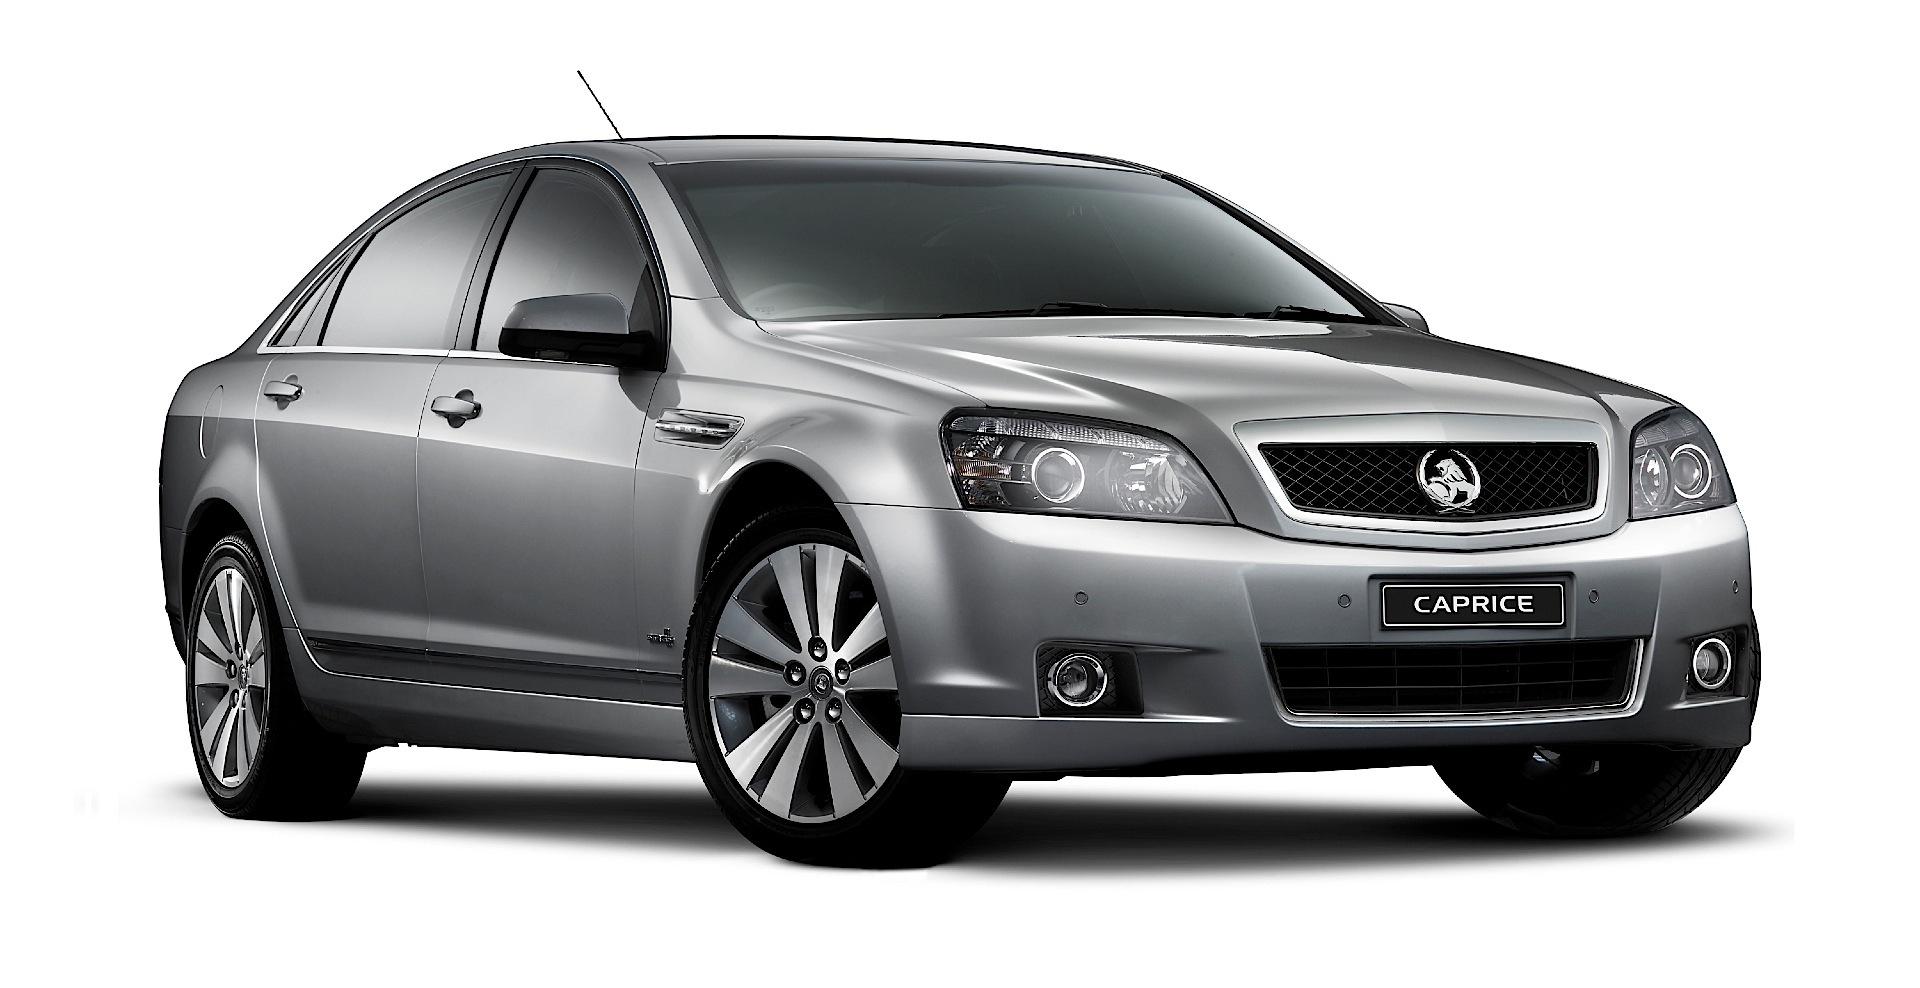 Holden Caprice Specs 2010 2011 2012 2013 2014 2015